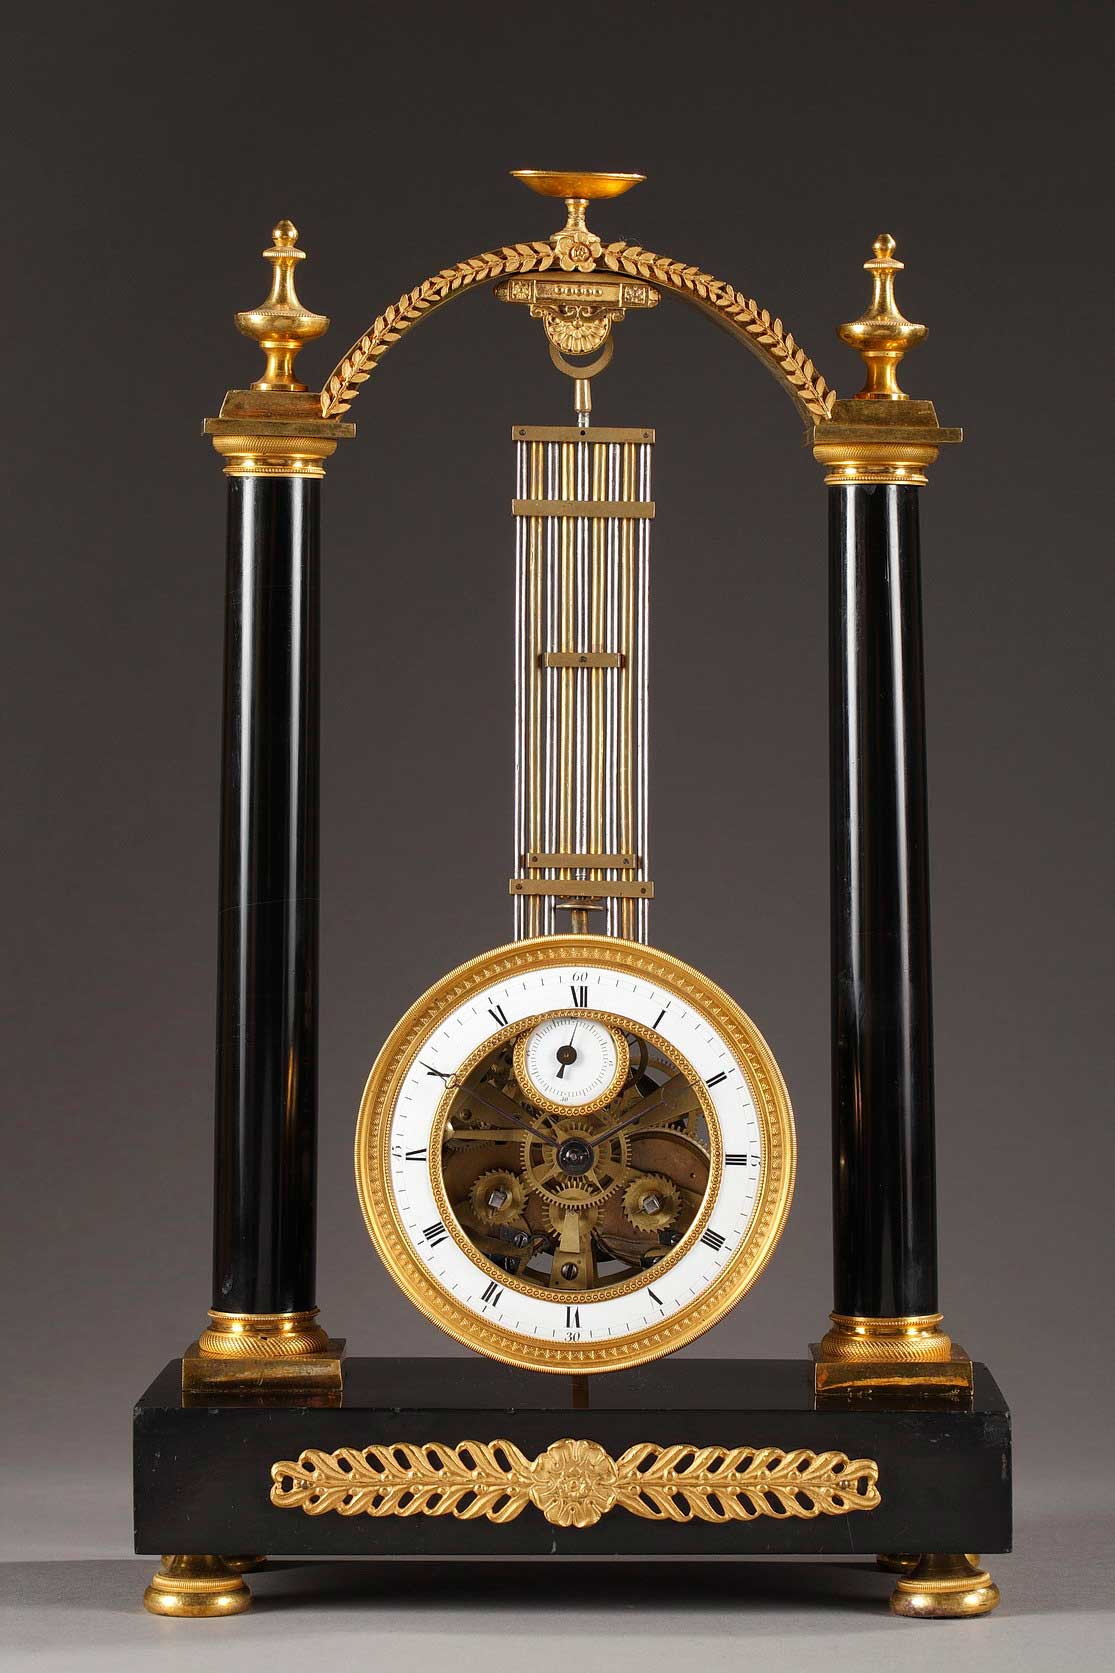 Pendule portique oscillante en marbre noir, bronze doré et ciselé. Suspension au couteau, mouvement dans la lentille du balancier avec cadran annulaire pour les heures et cadran secondaire pour les secondes.